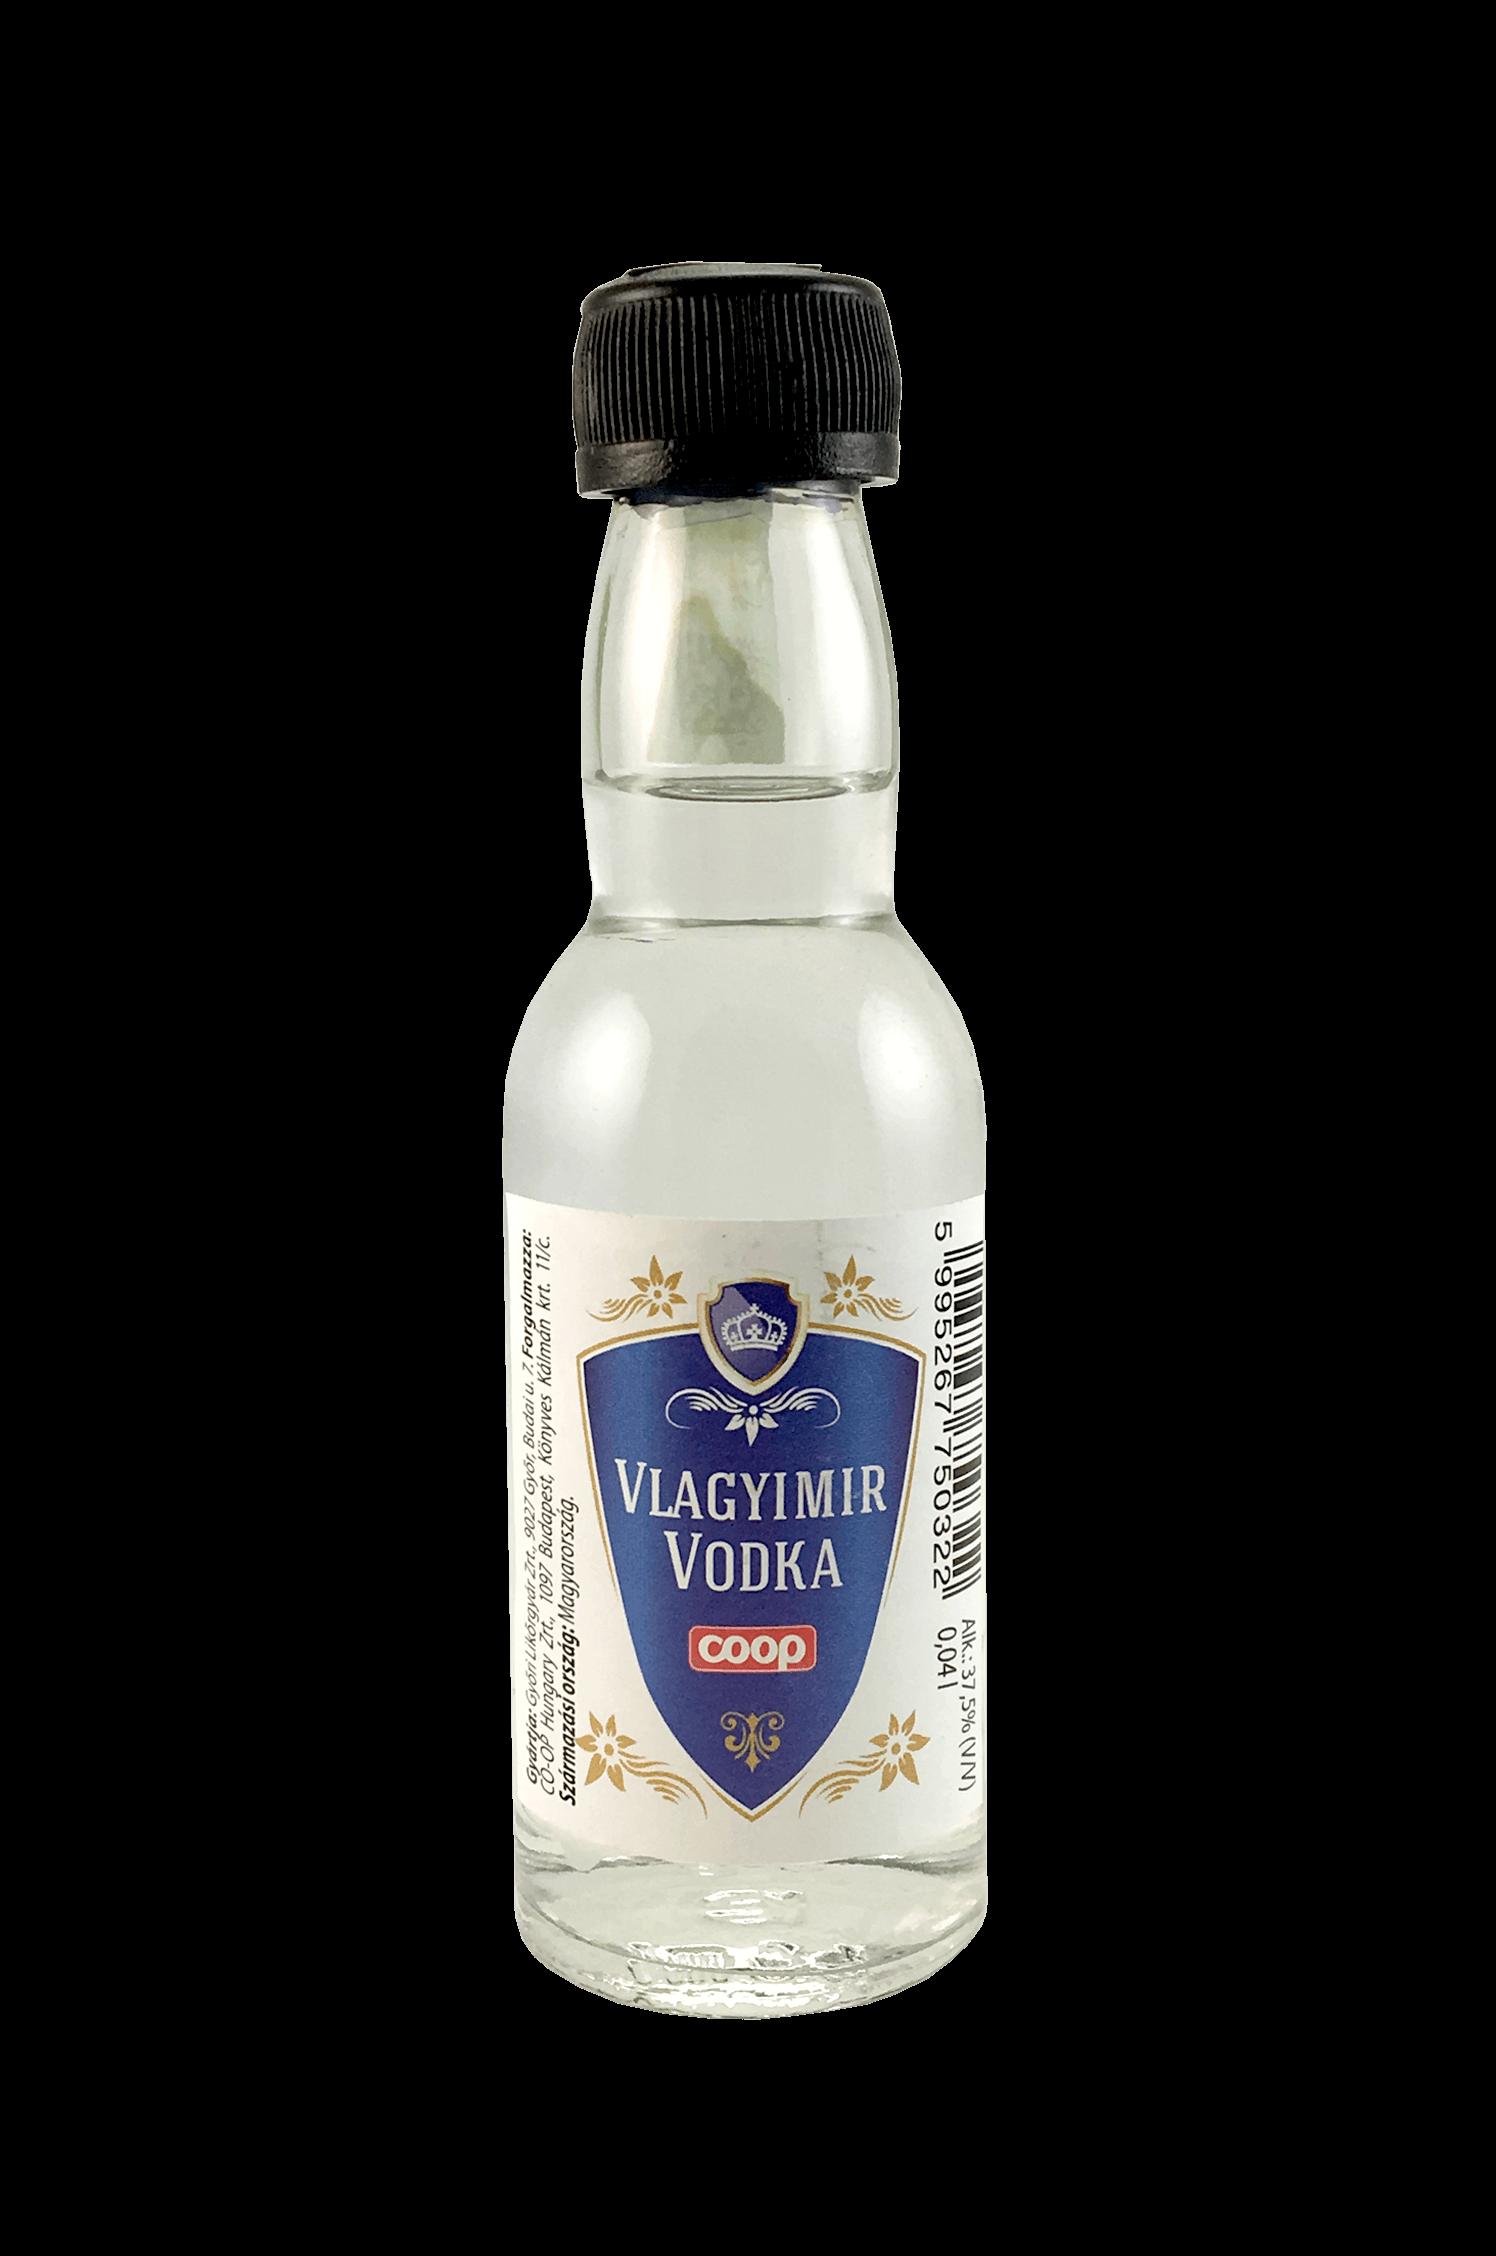 Vlagyimir Vodka